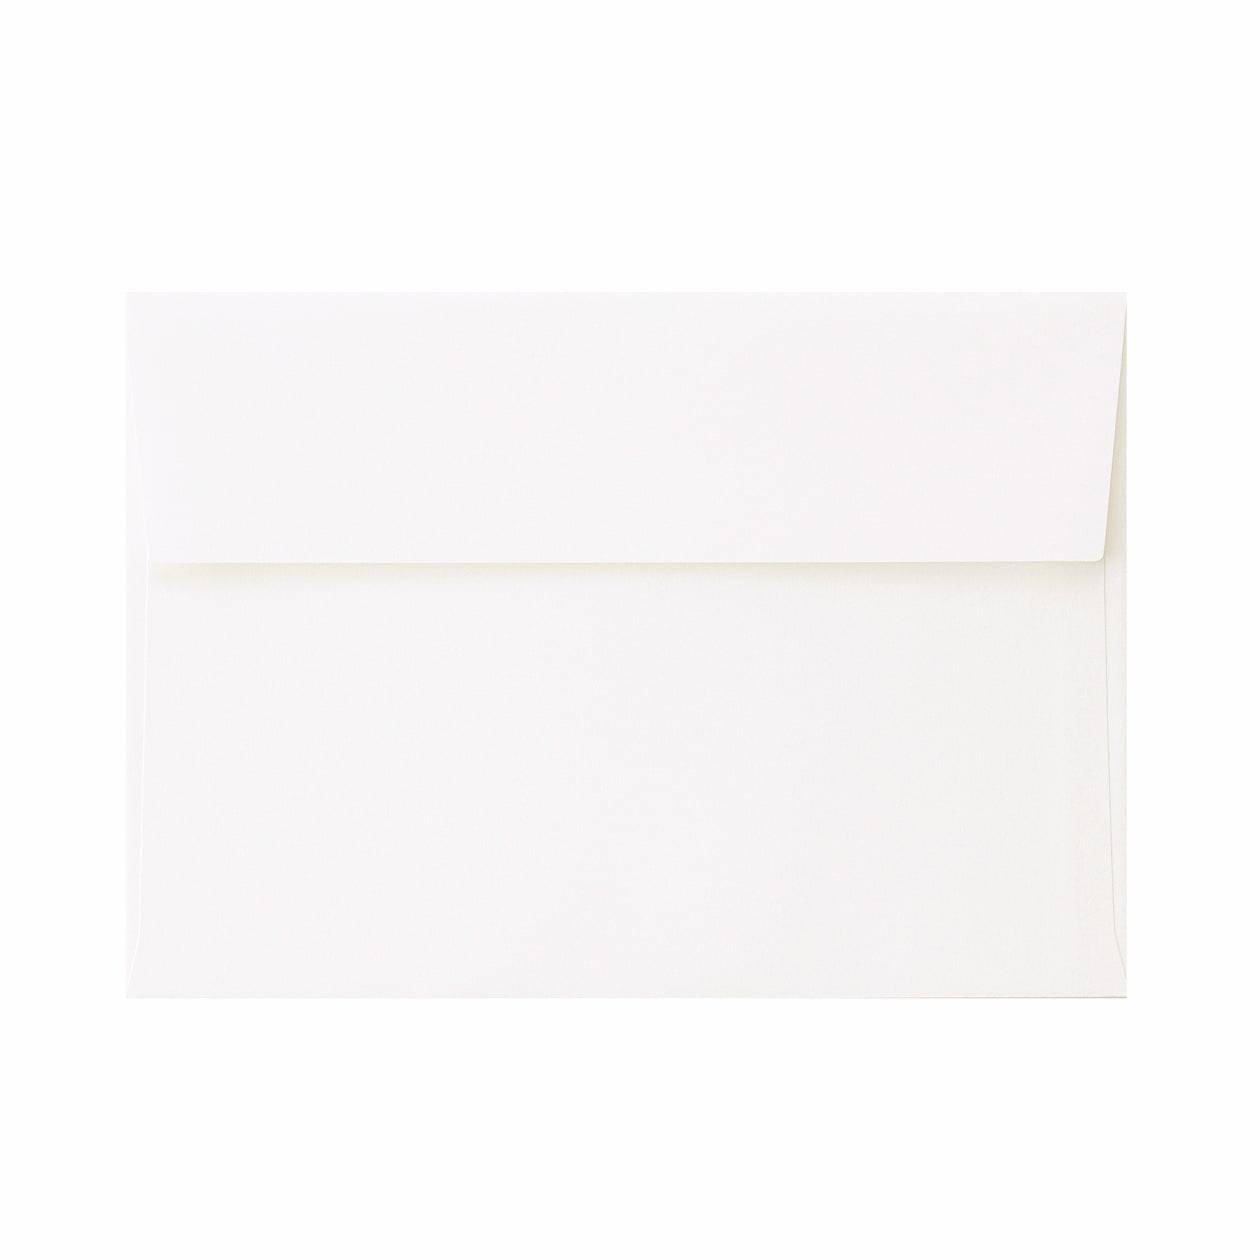 角6カマス封筒 コットン スノーホワイト 116.3g